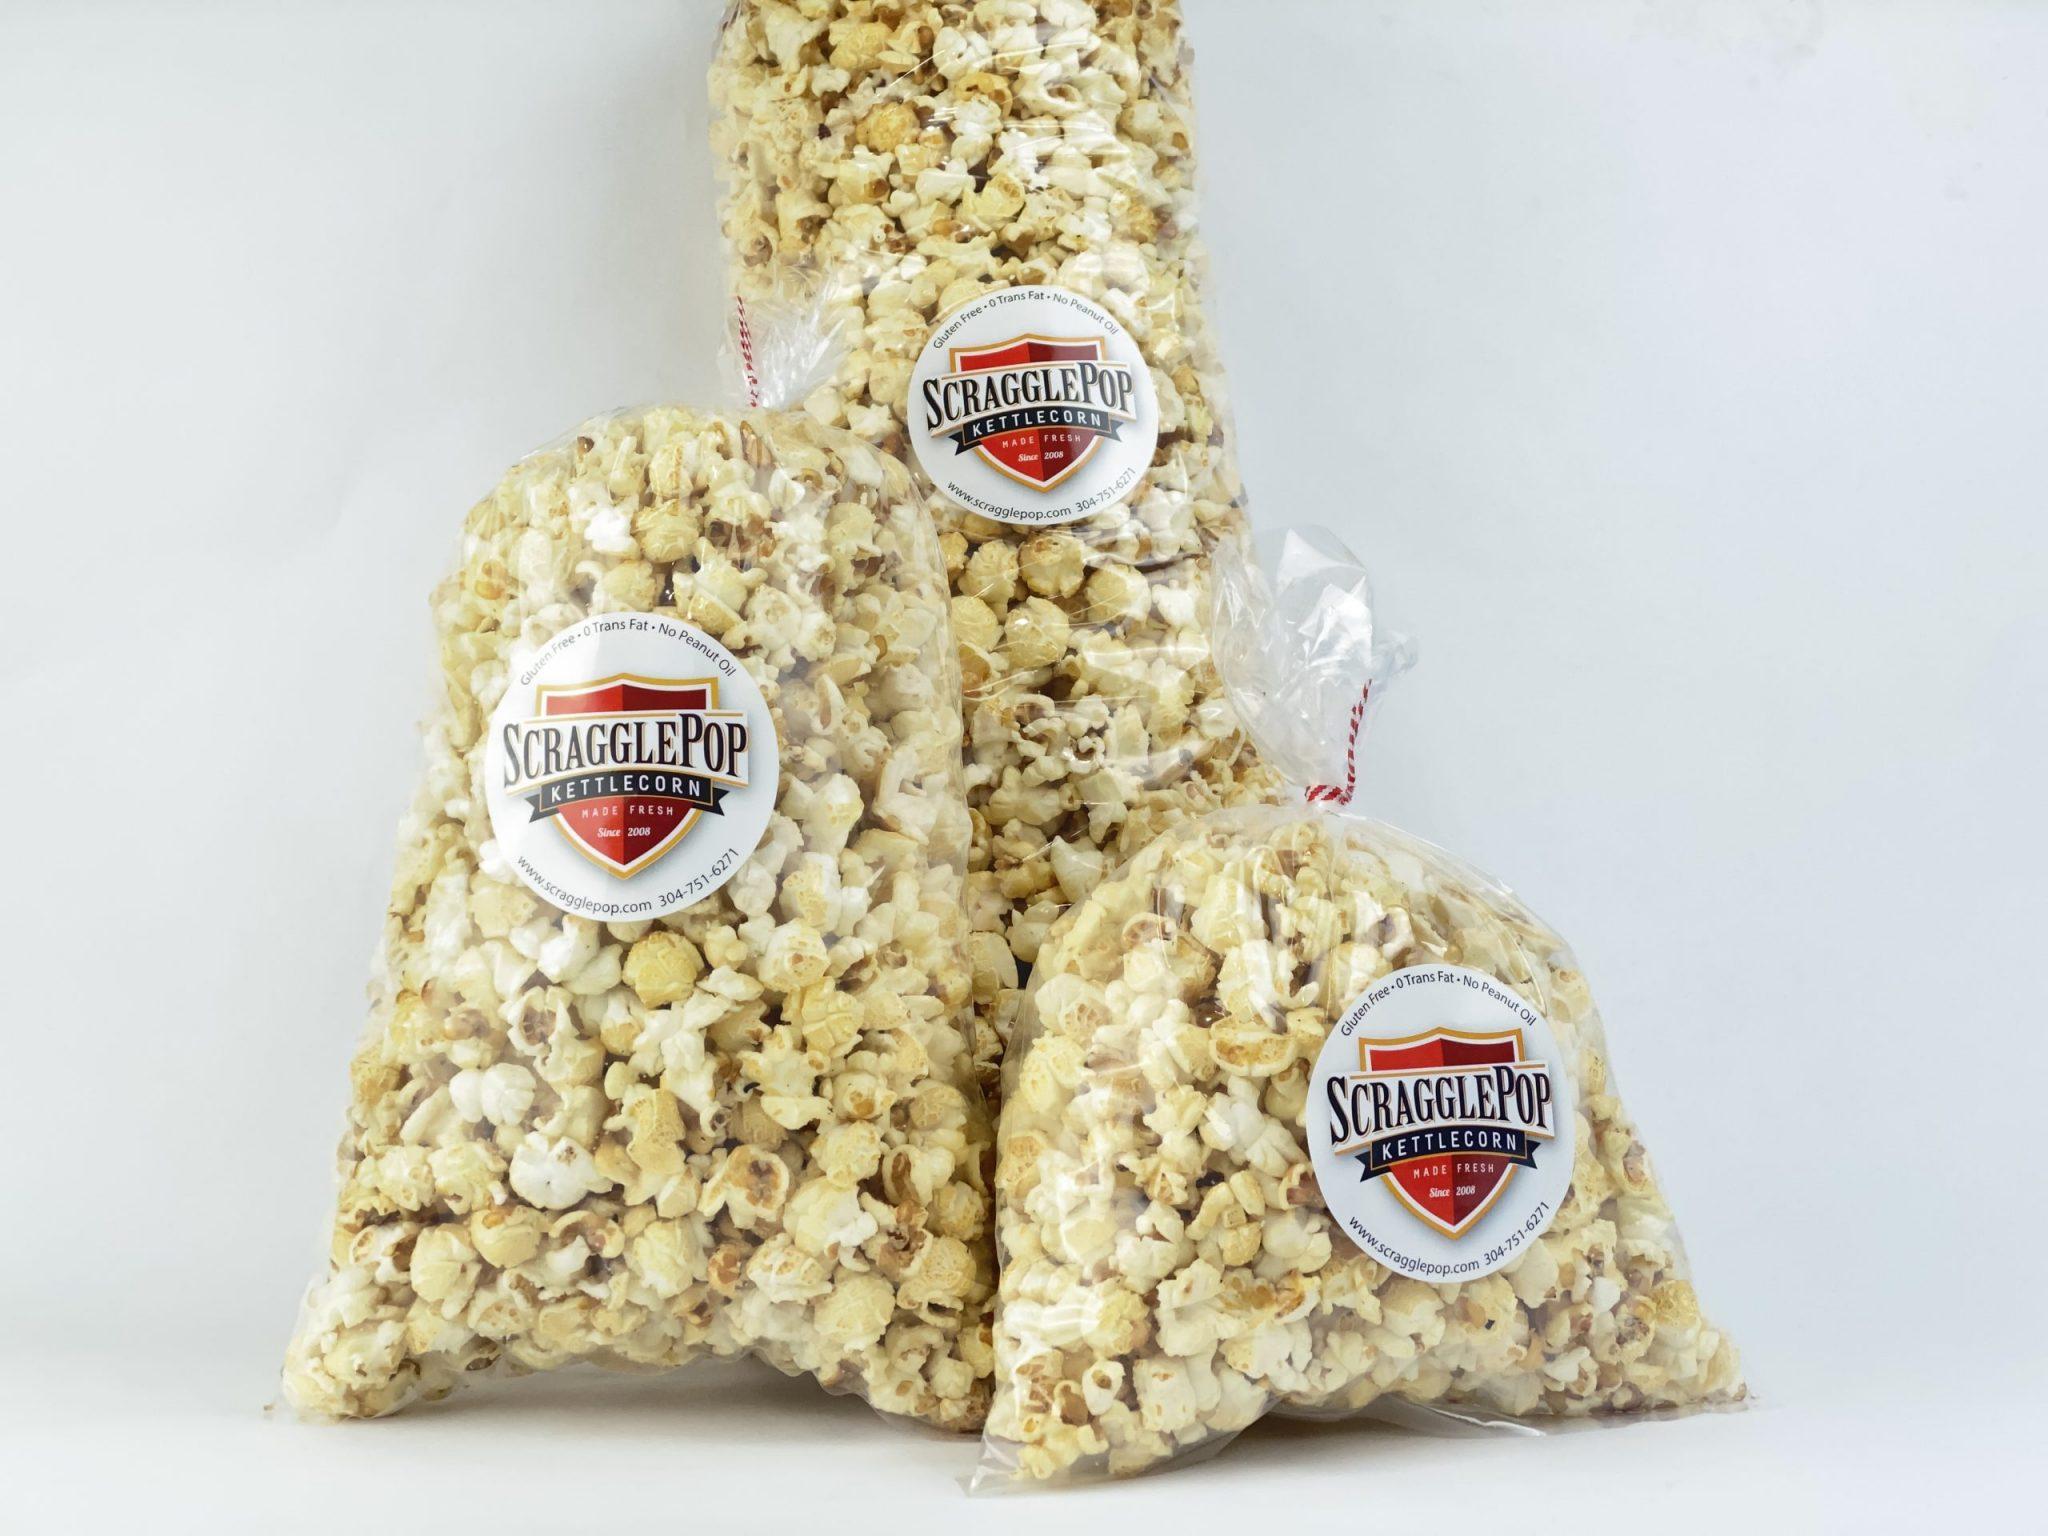 Assorted Scragglepop Kettlecorn bags